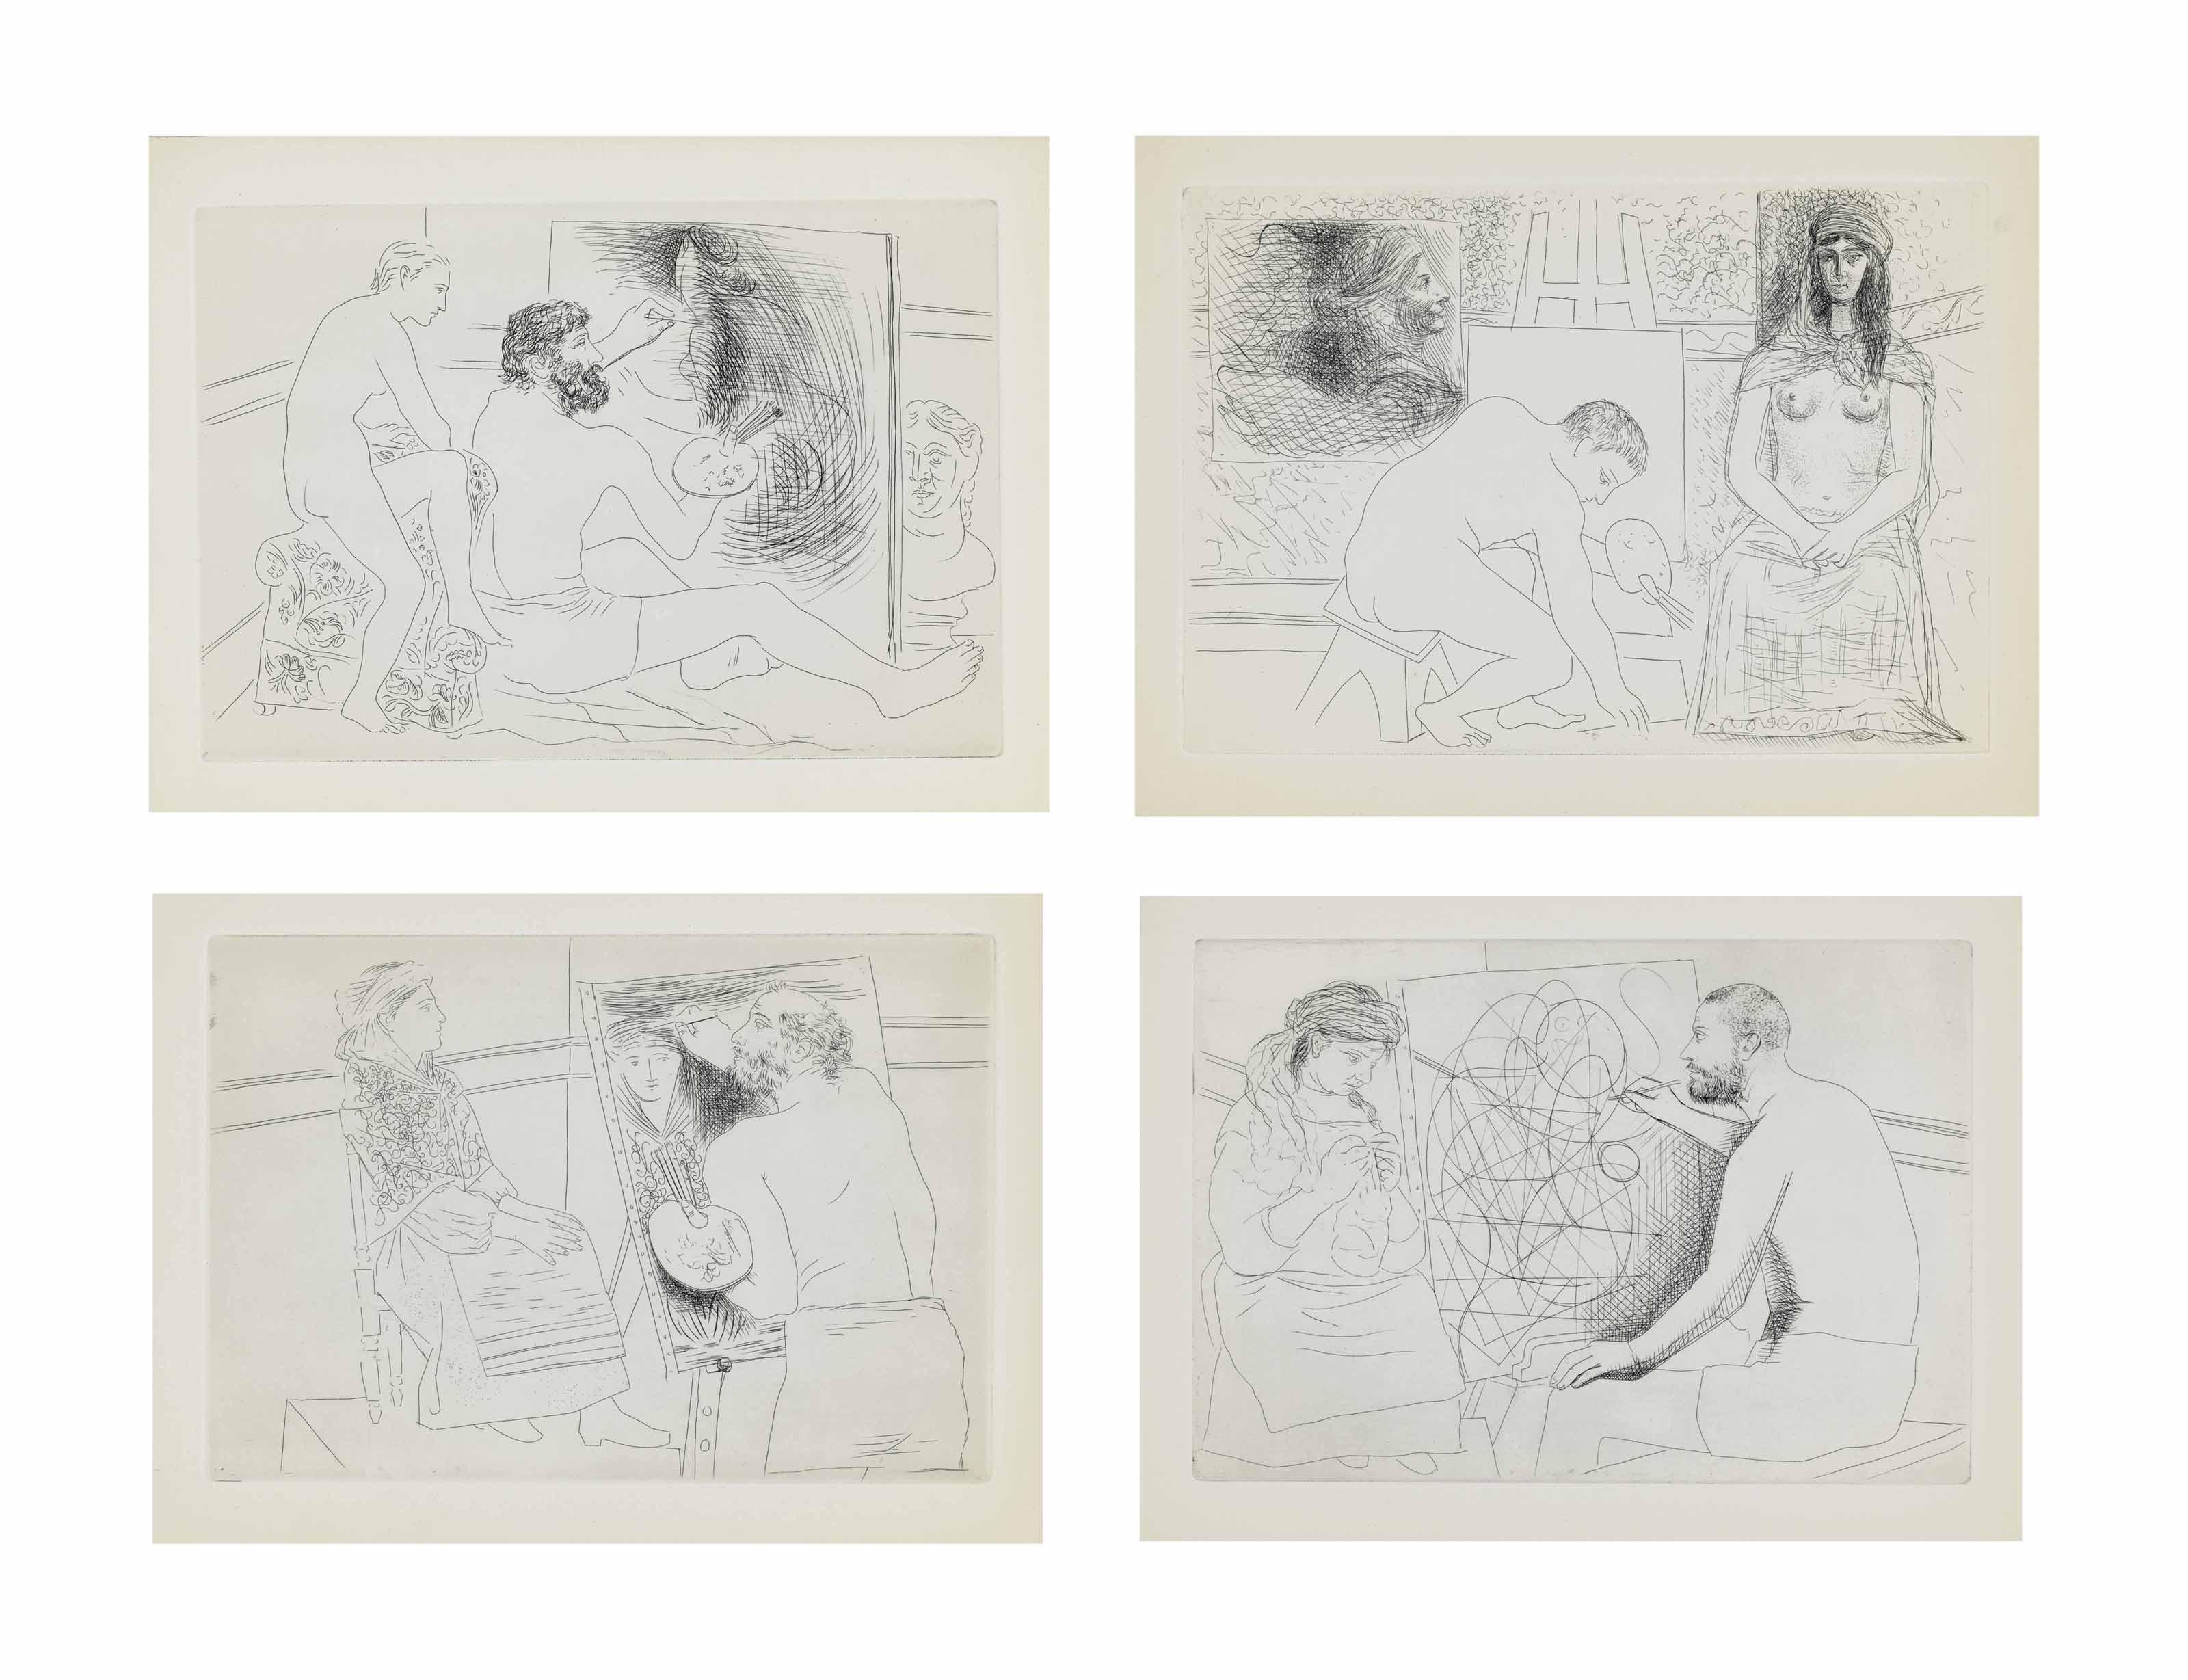 Pablo picasso honor de balzac le chef d 39 oeuvre inconnu ambroise vollard paris 1931 b - Chef d oeuvre ...